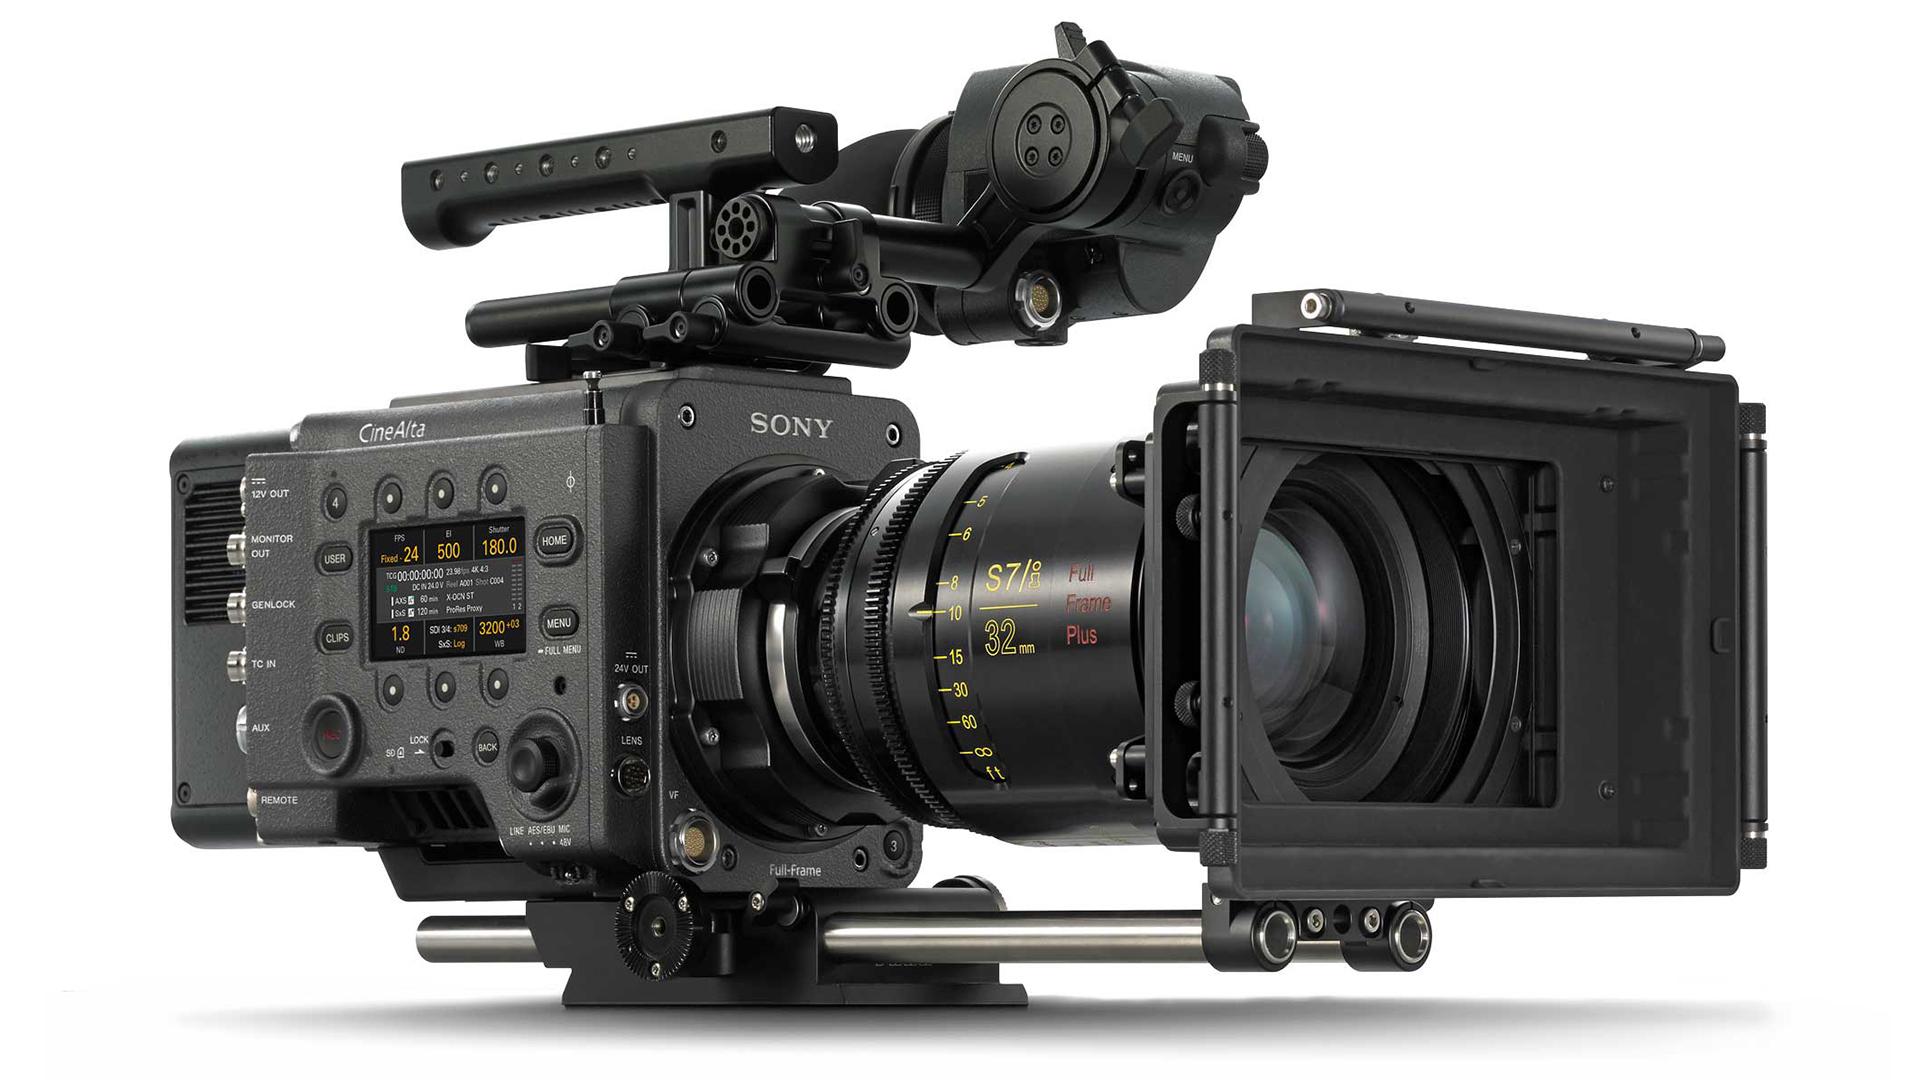 Imita el Look de la Sony Venice con LUTs para cámaras FS7, FS5 o a7s